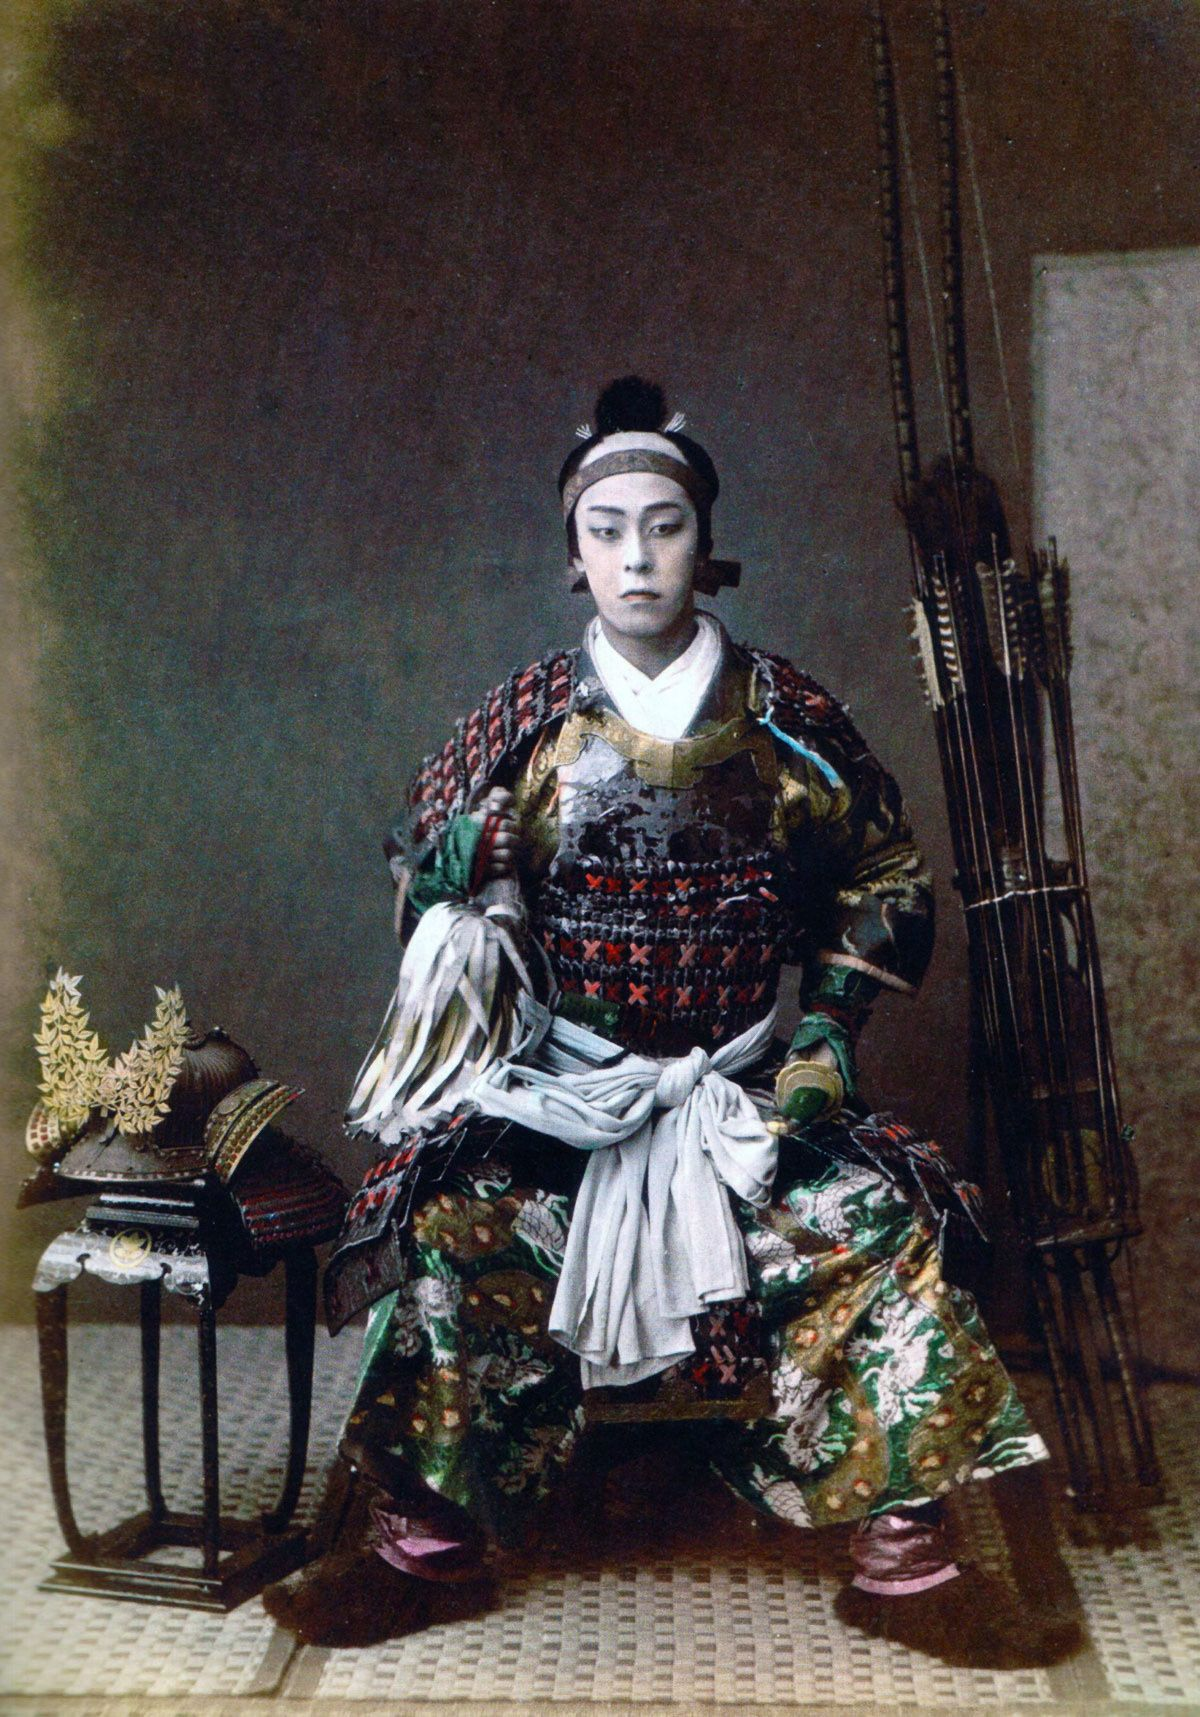 Rare color samurai photos 64